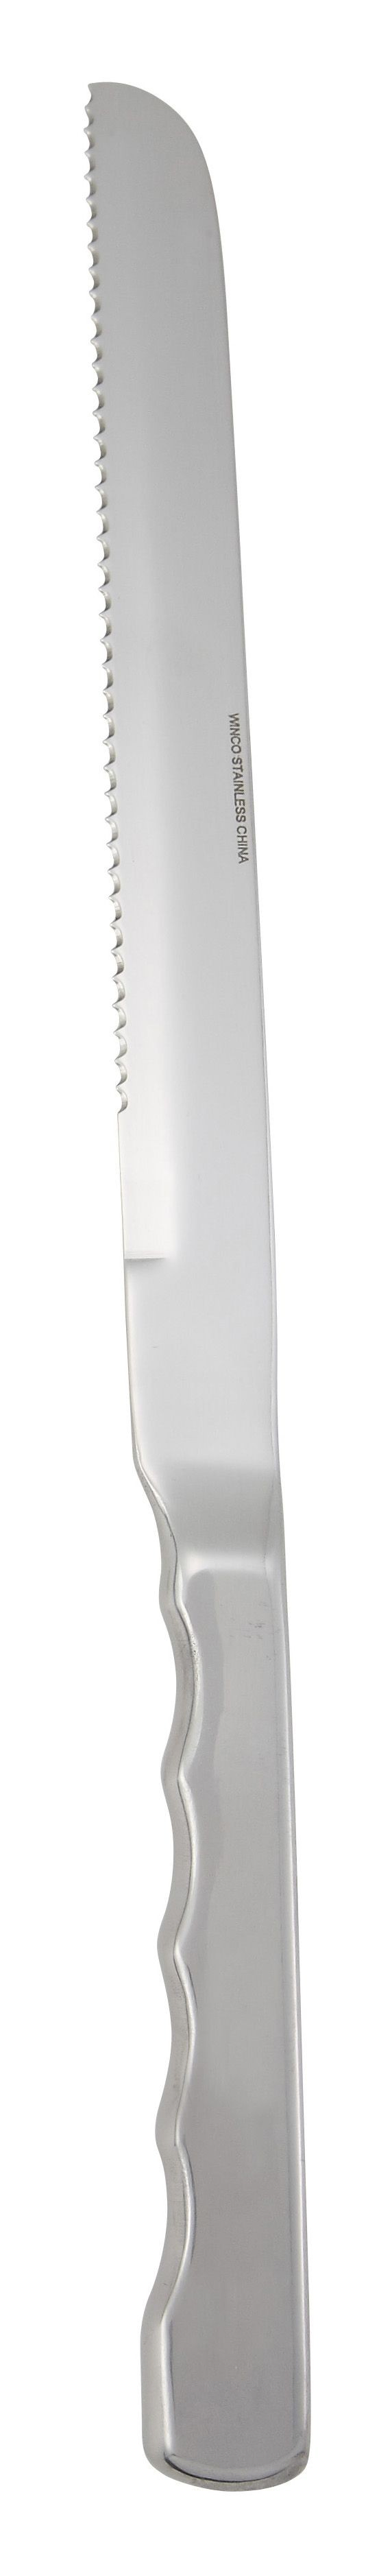 """Winco BW-DK9 Deluxe Wavy-Edge Slicer/Wedding Cake Knife 9"""""""